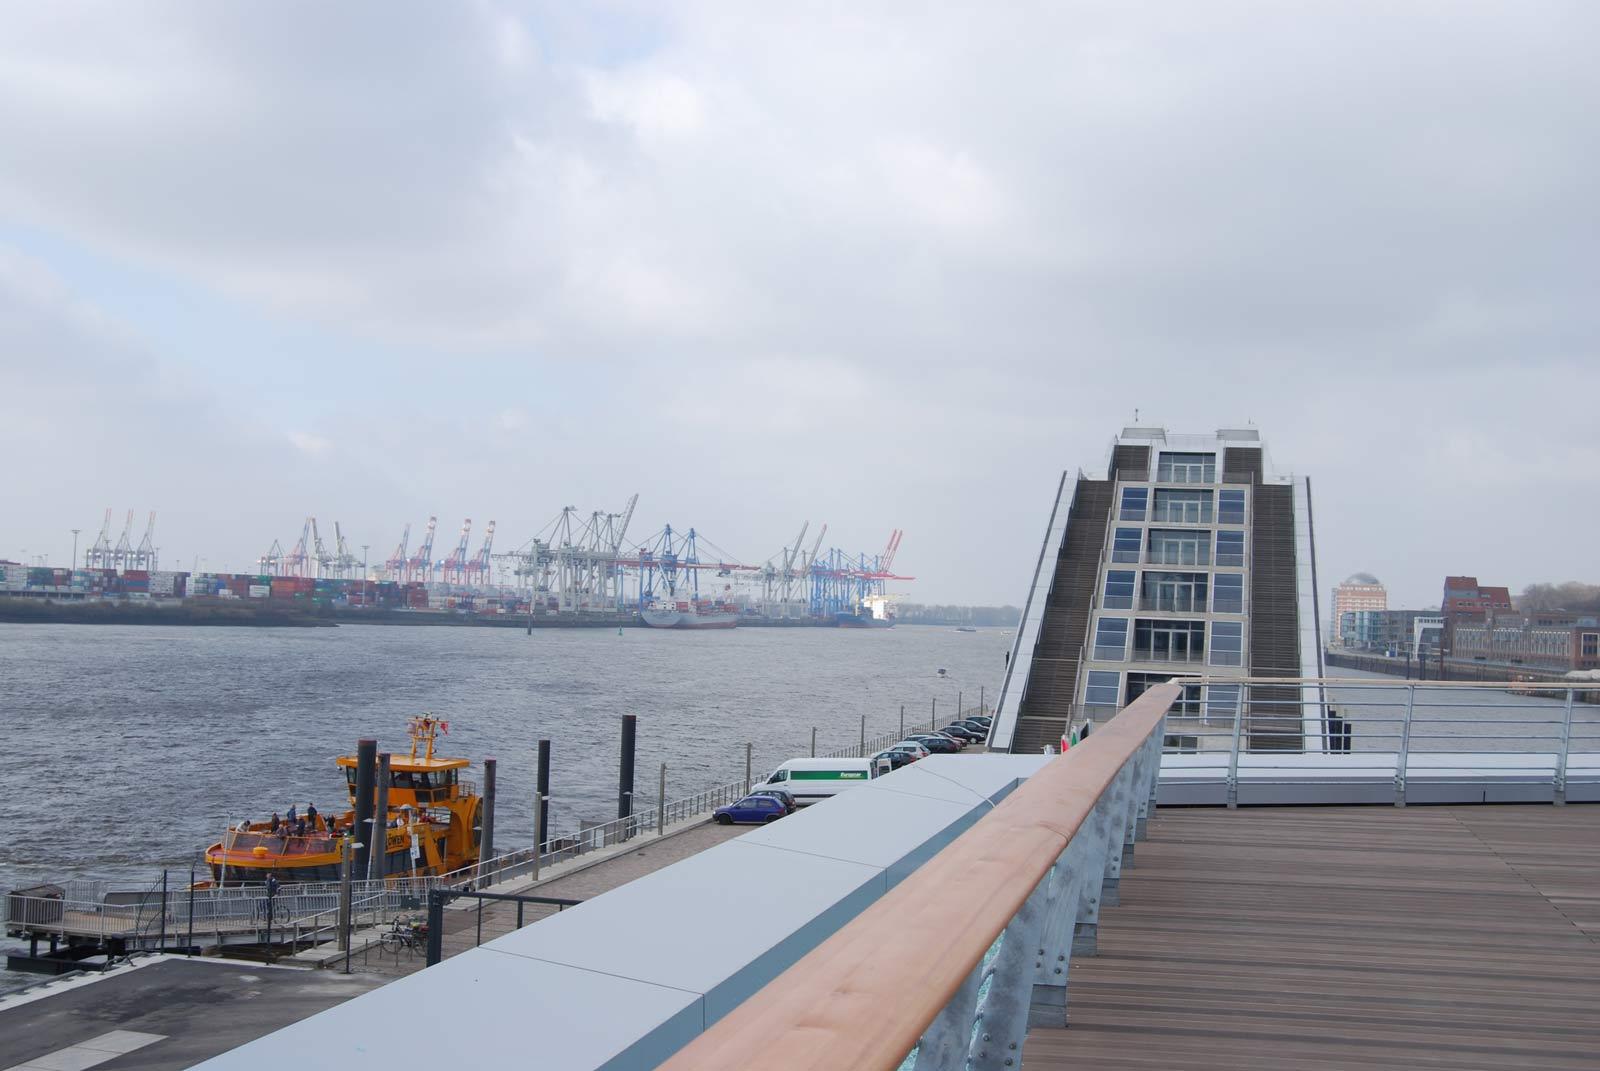 Hamburg Cruise Center Altona Adresse Bilder Informationen